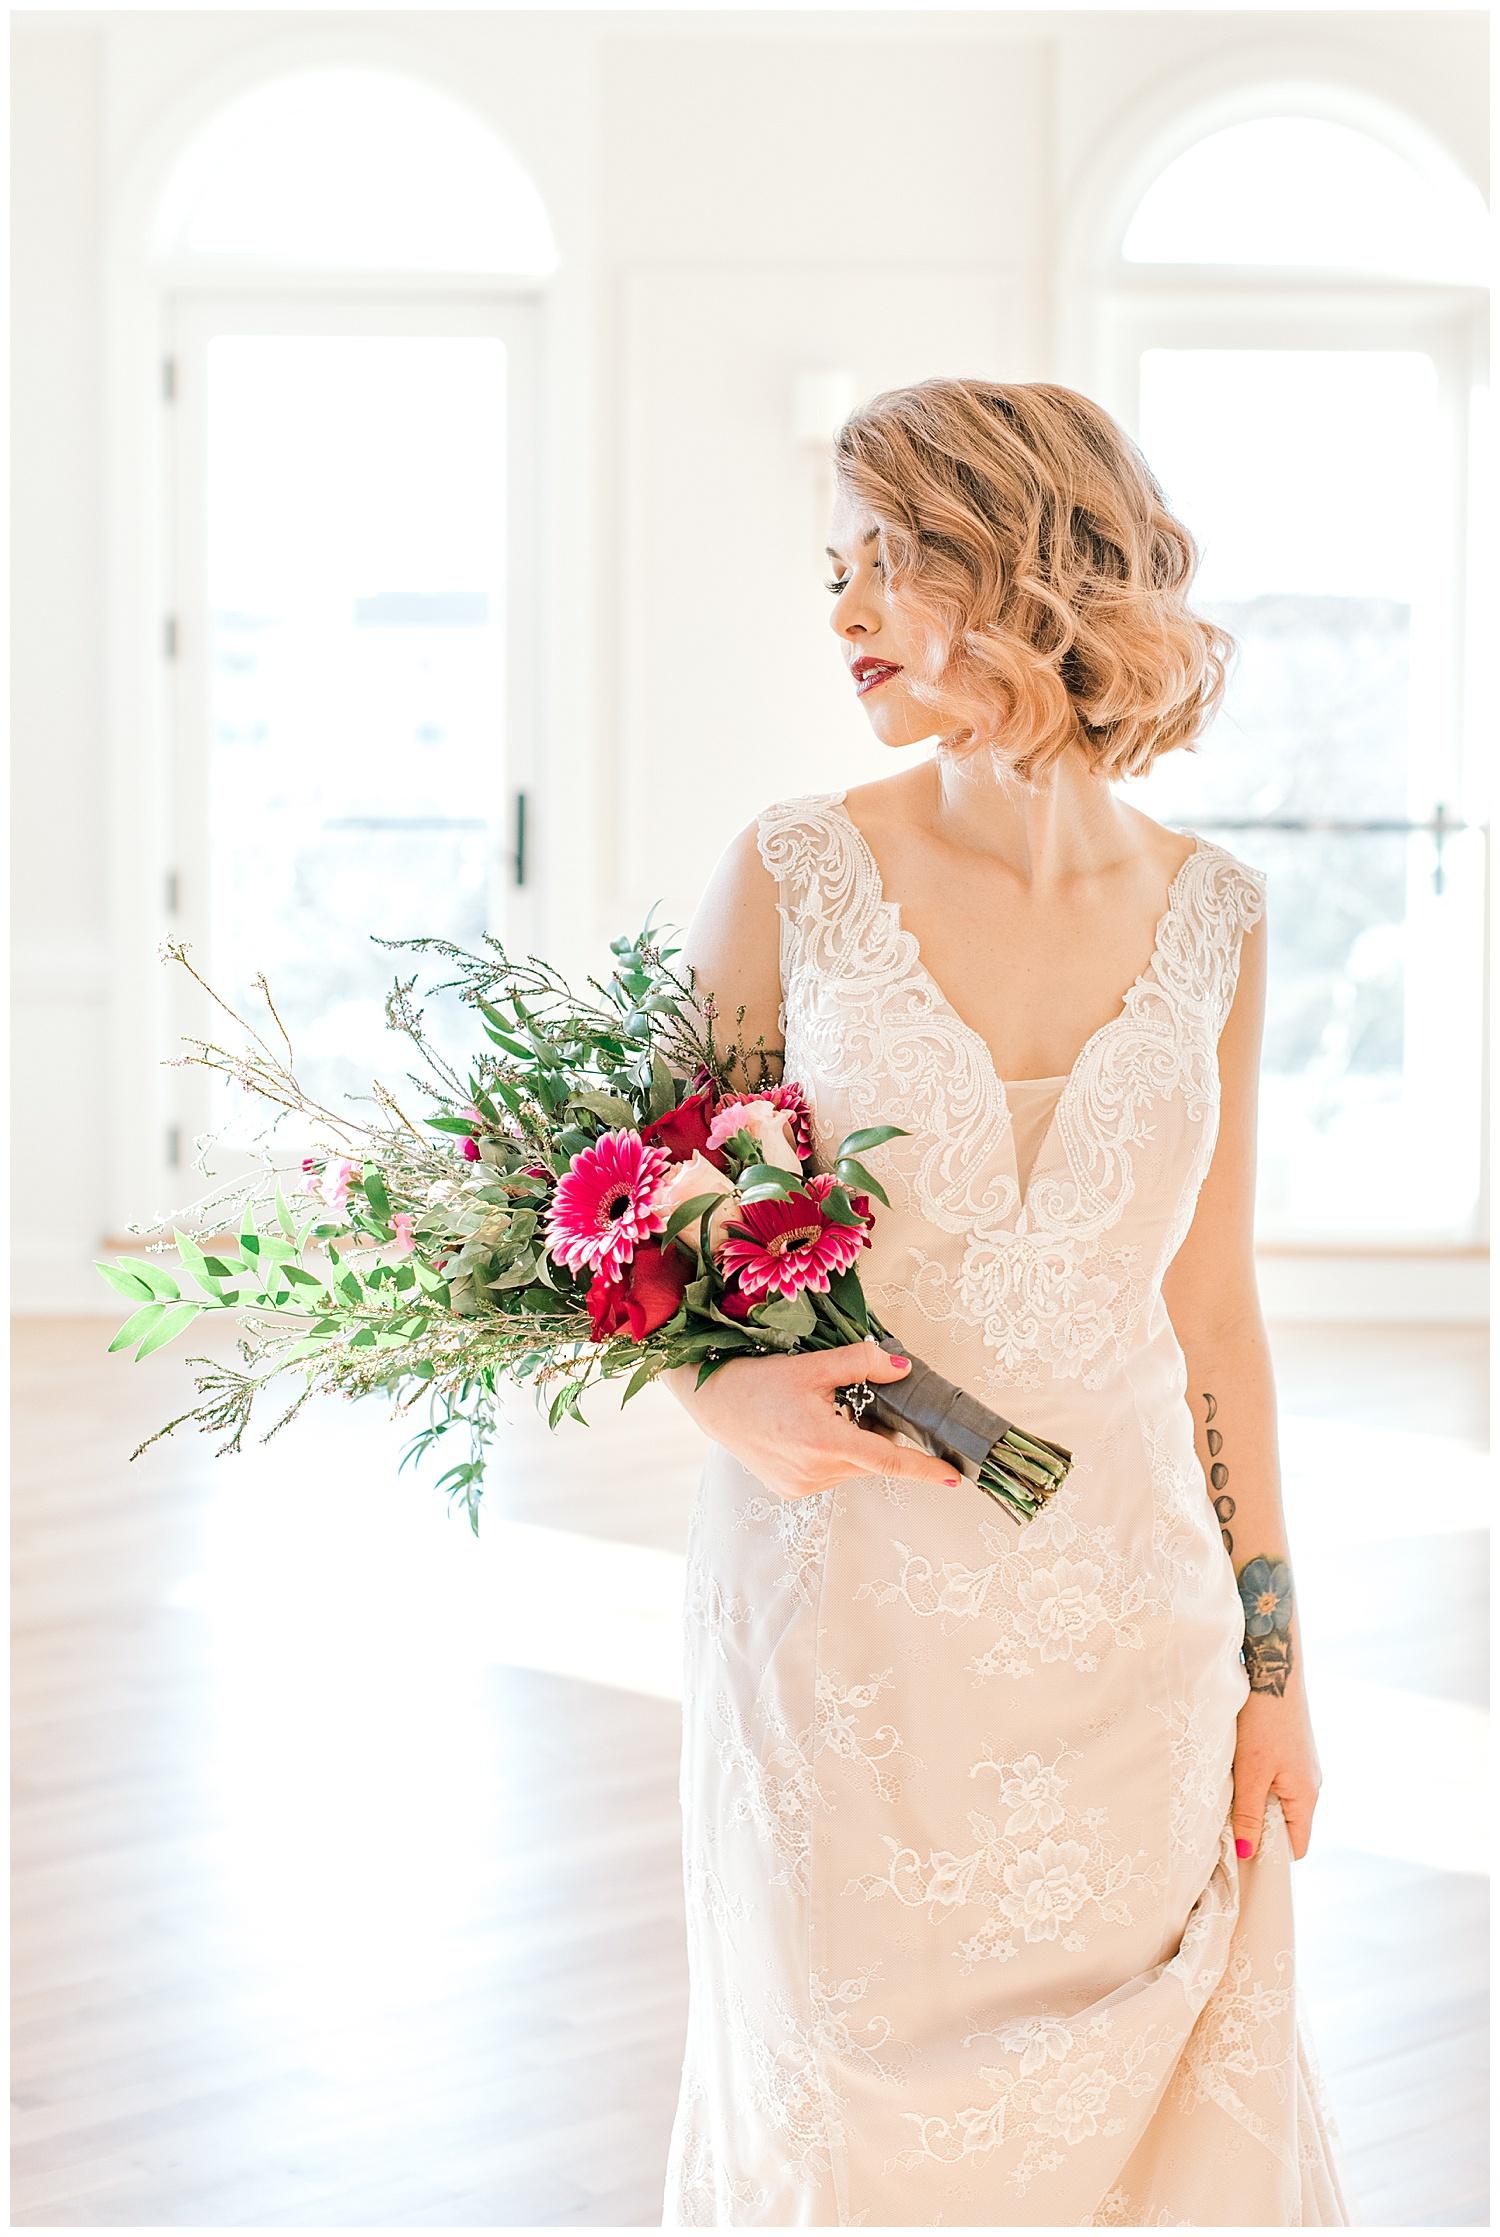 valentines-day-galentines-newport-wedding-photography-queen-annes-loft.-38.jpg